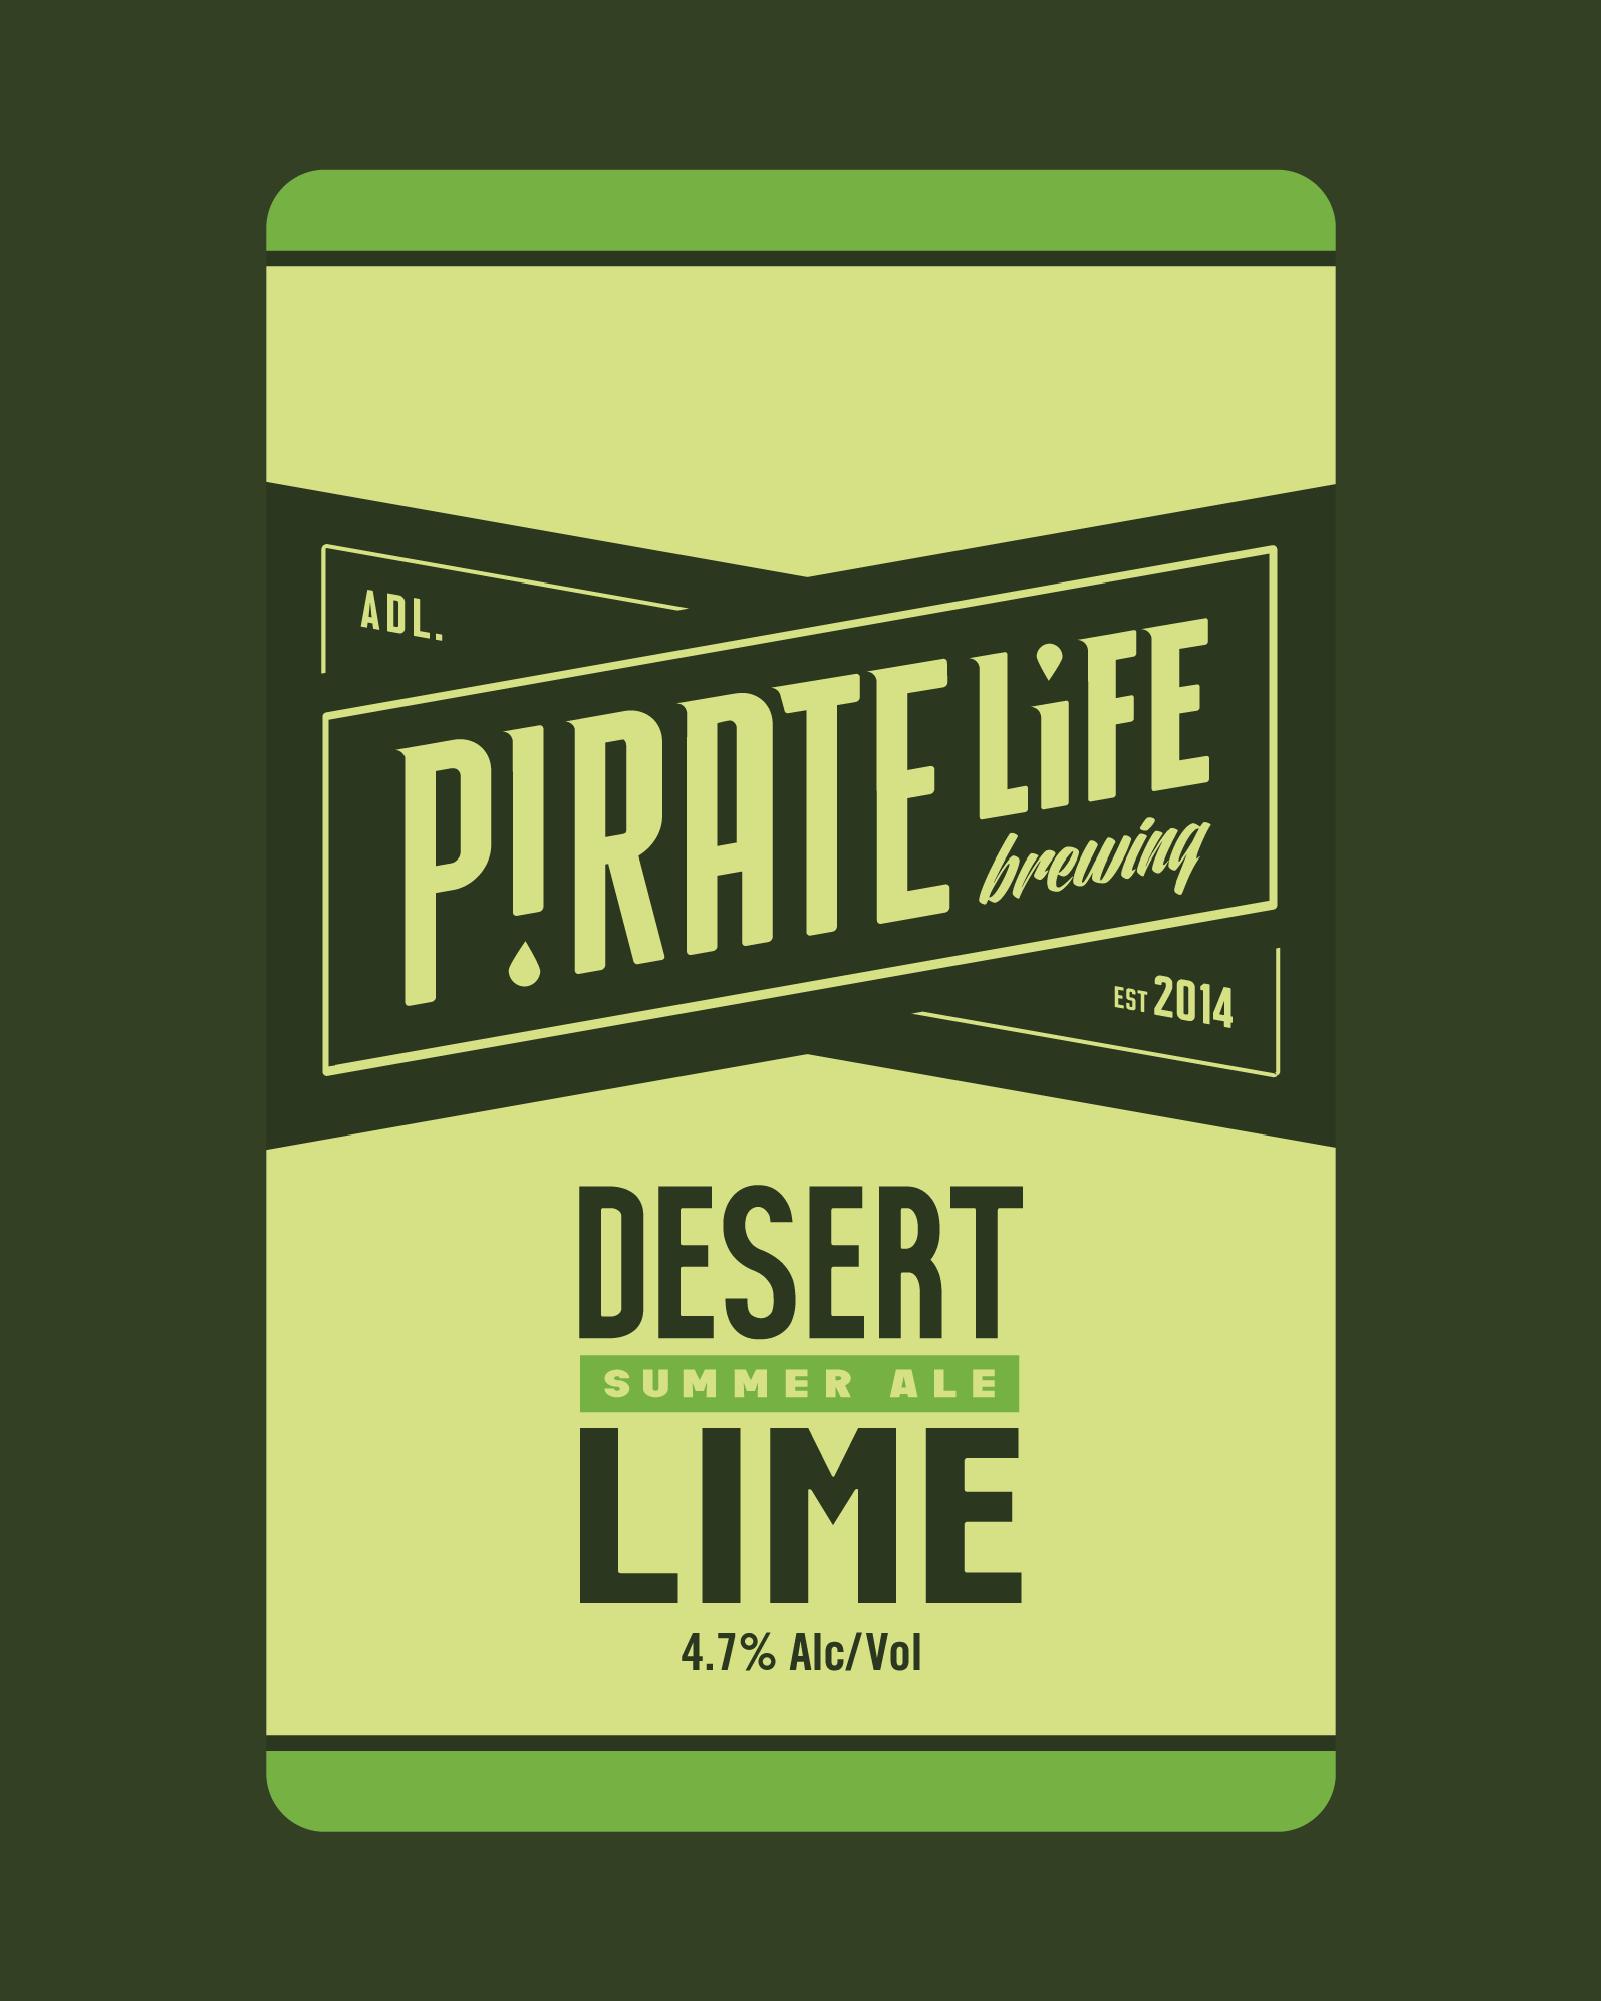 Desert_Lime-02